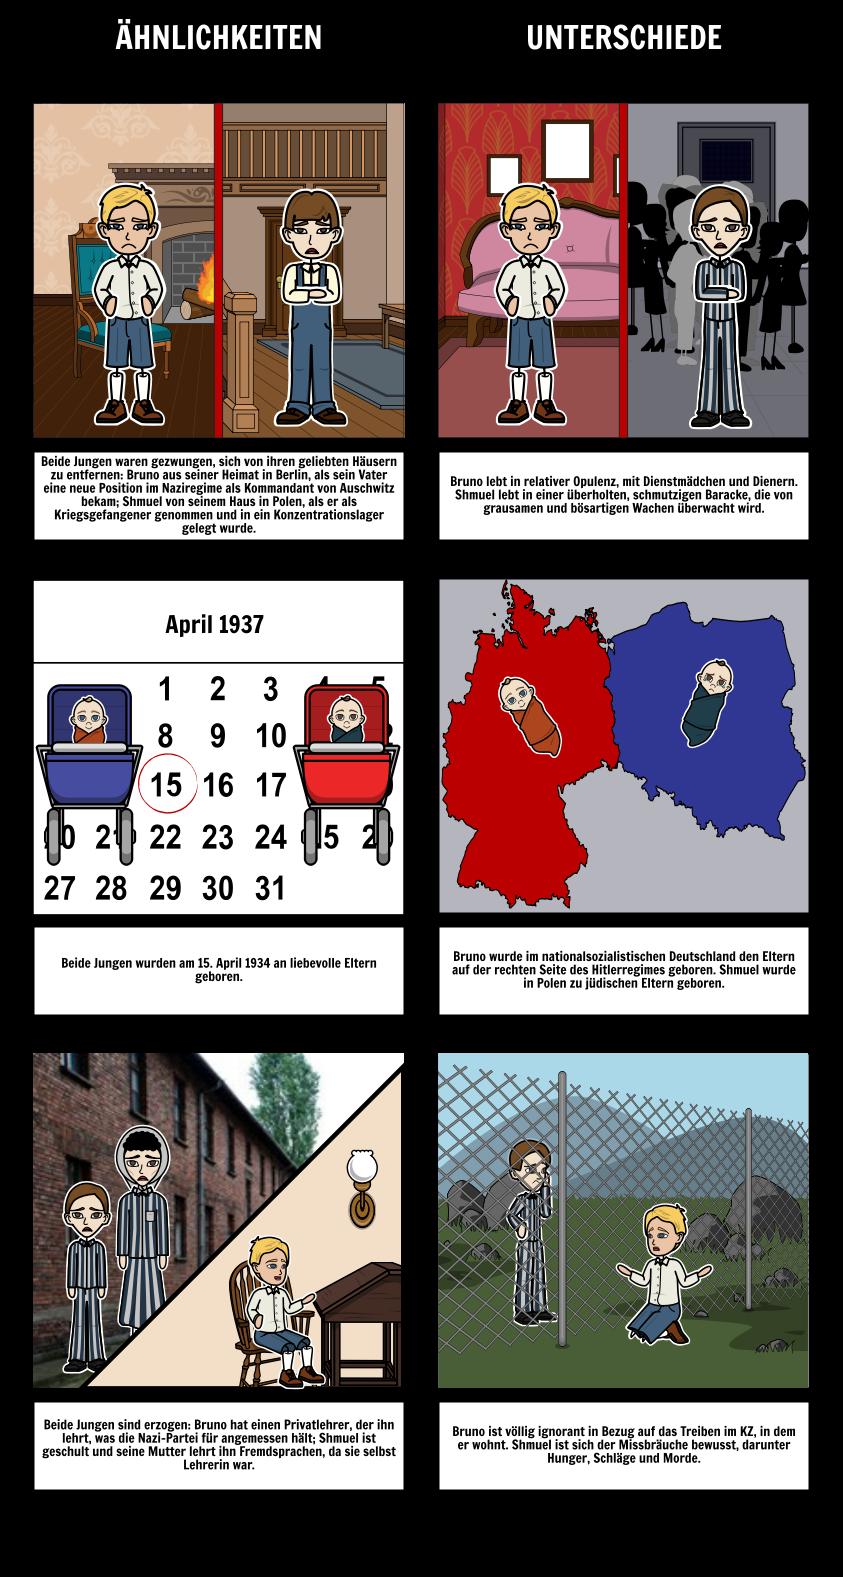 historia de malala pdf